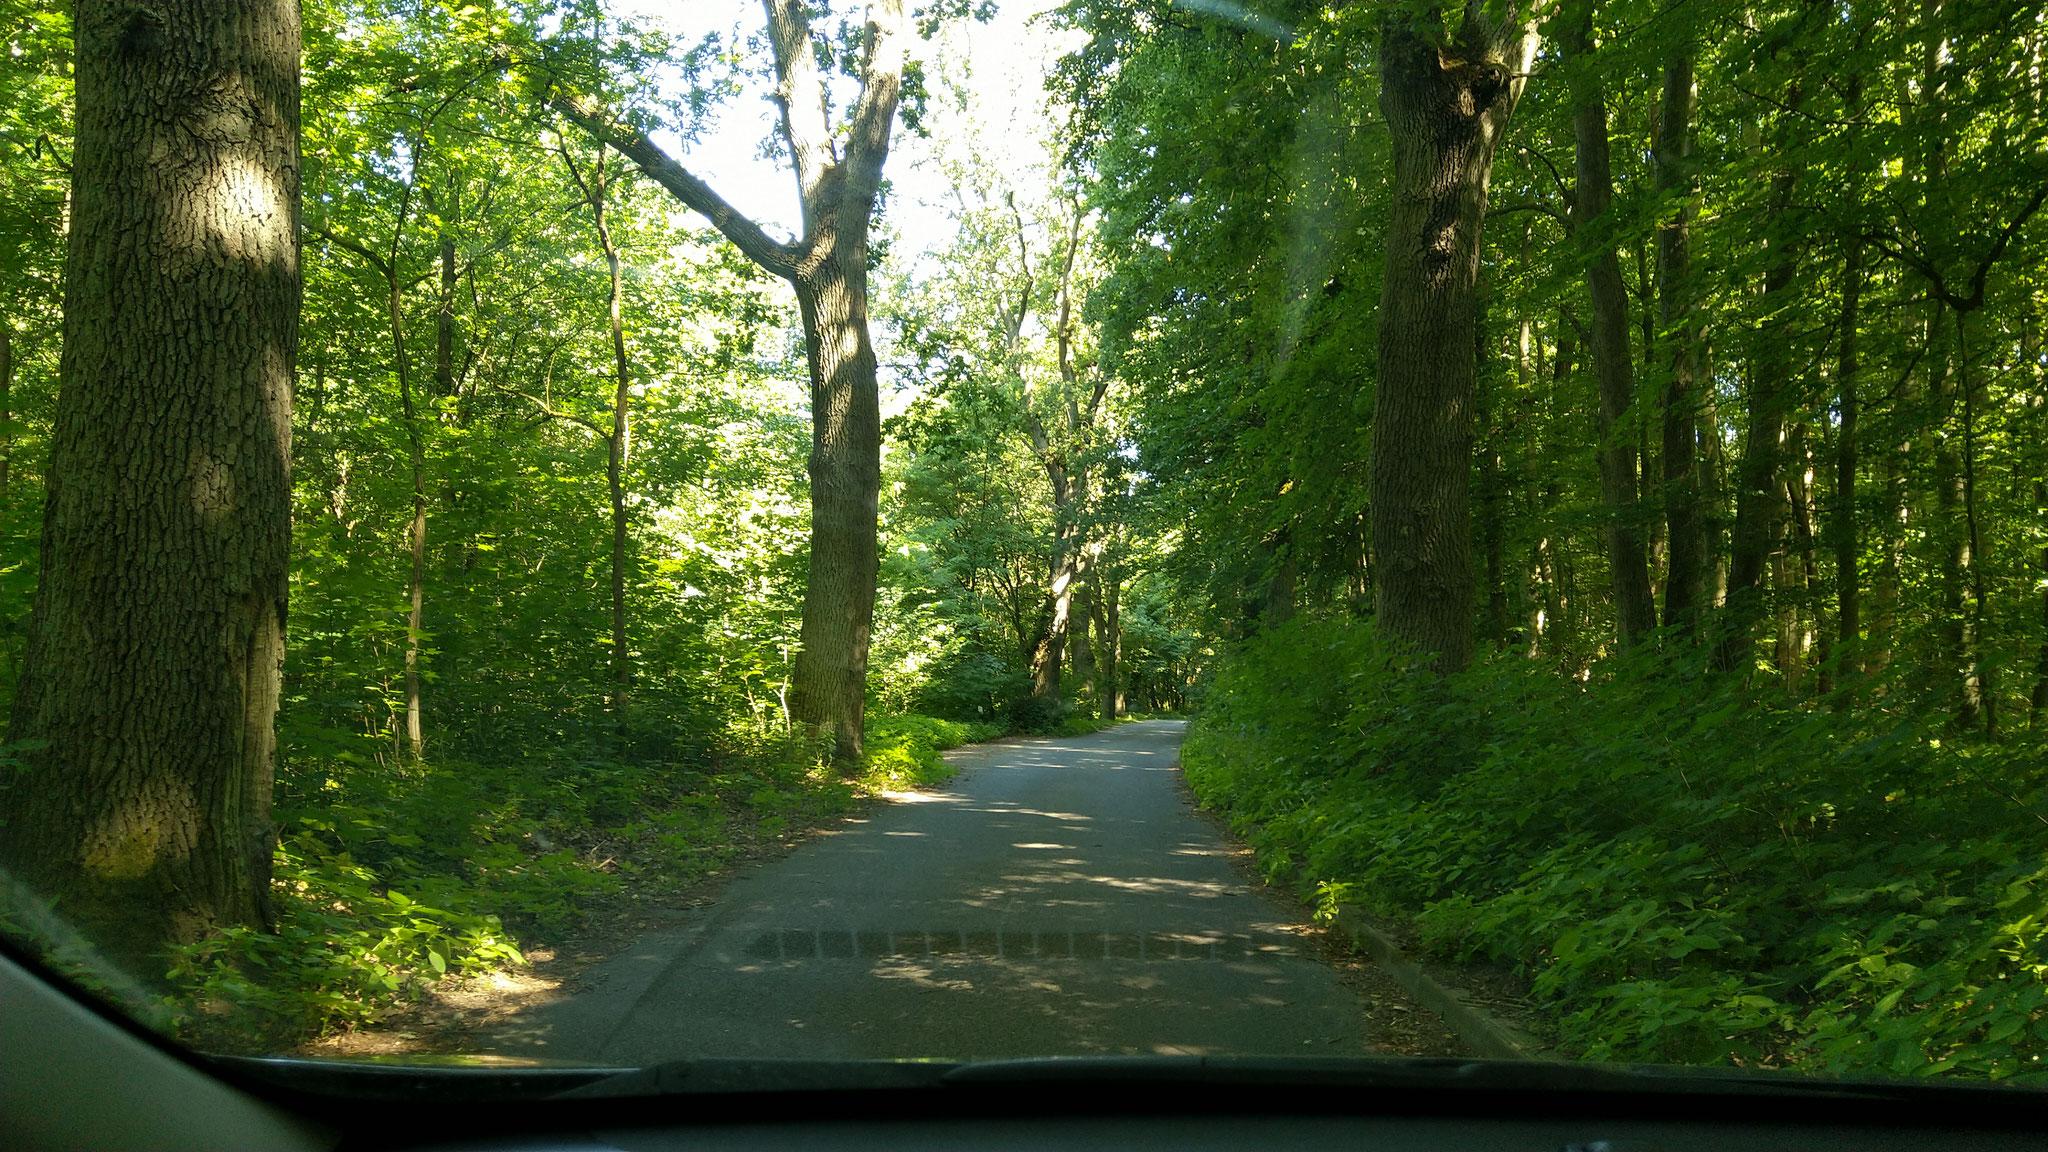 Hier gings noch gut voran: Die von kräftigen Bäumen gesäumte Straße nach Neythymen (gefühlte 3 Häuser, aber mit Bushaltestelle)